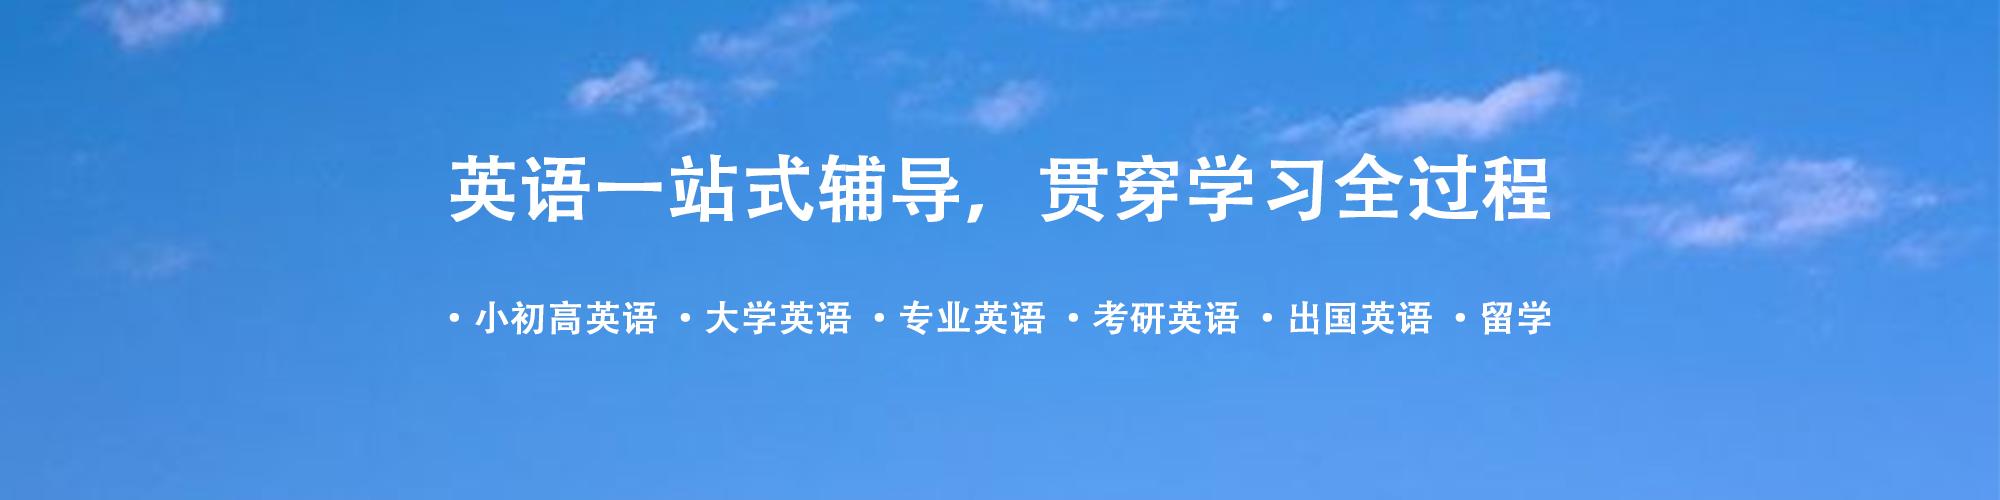 北京四六级英语培训学费-北京拓程教育咨询有限公司